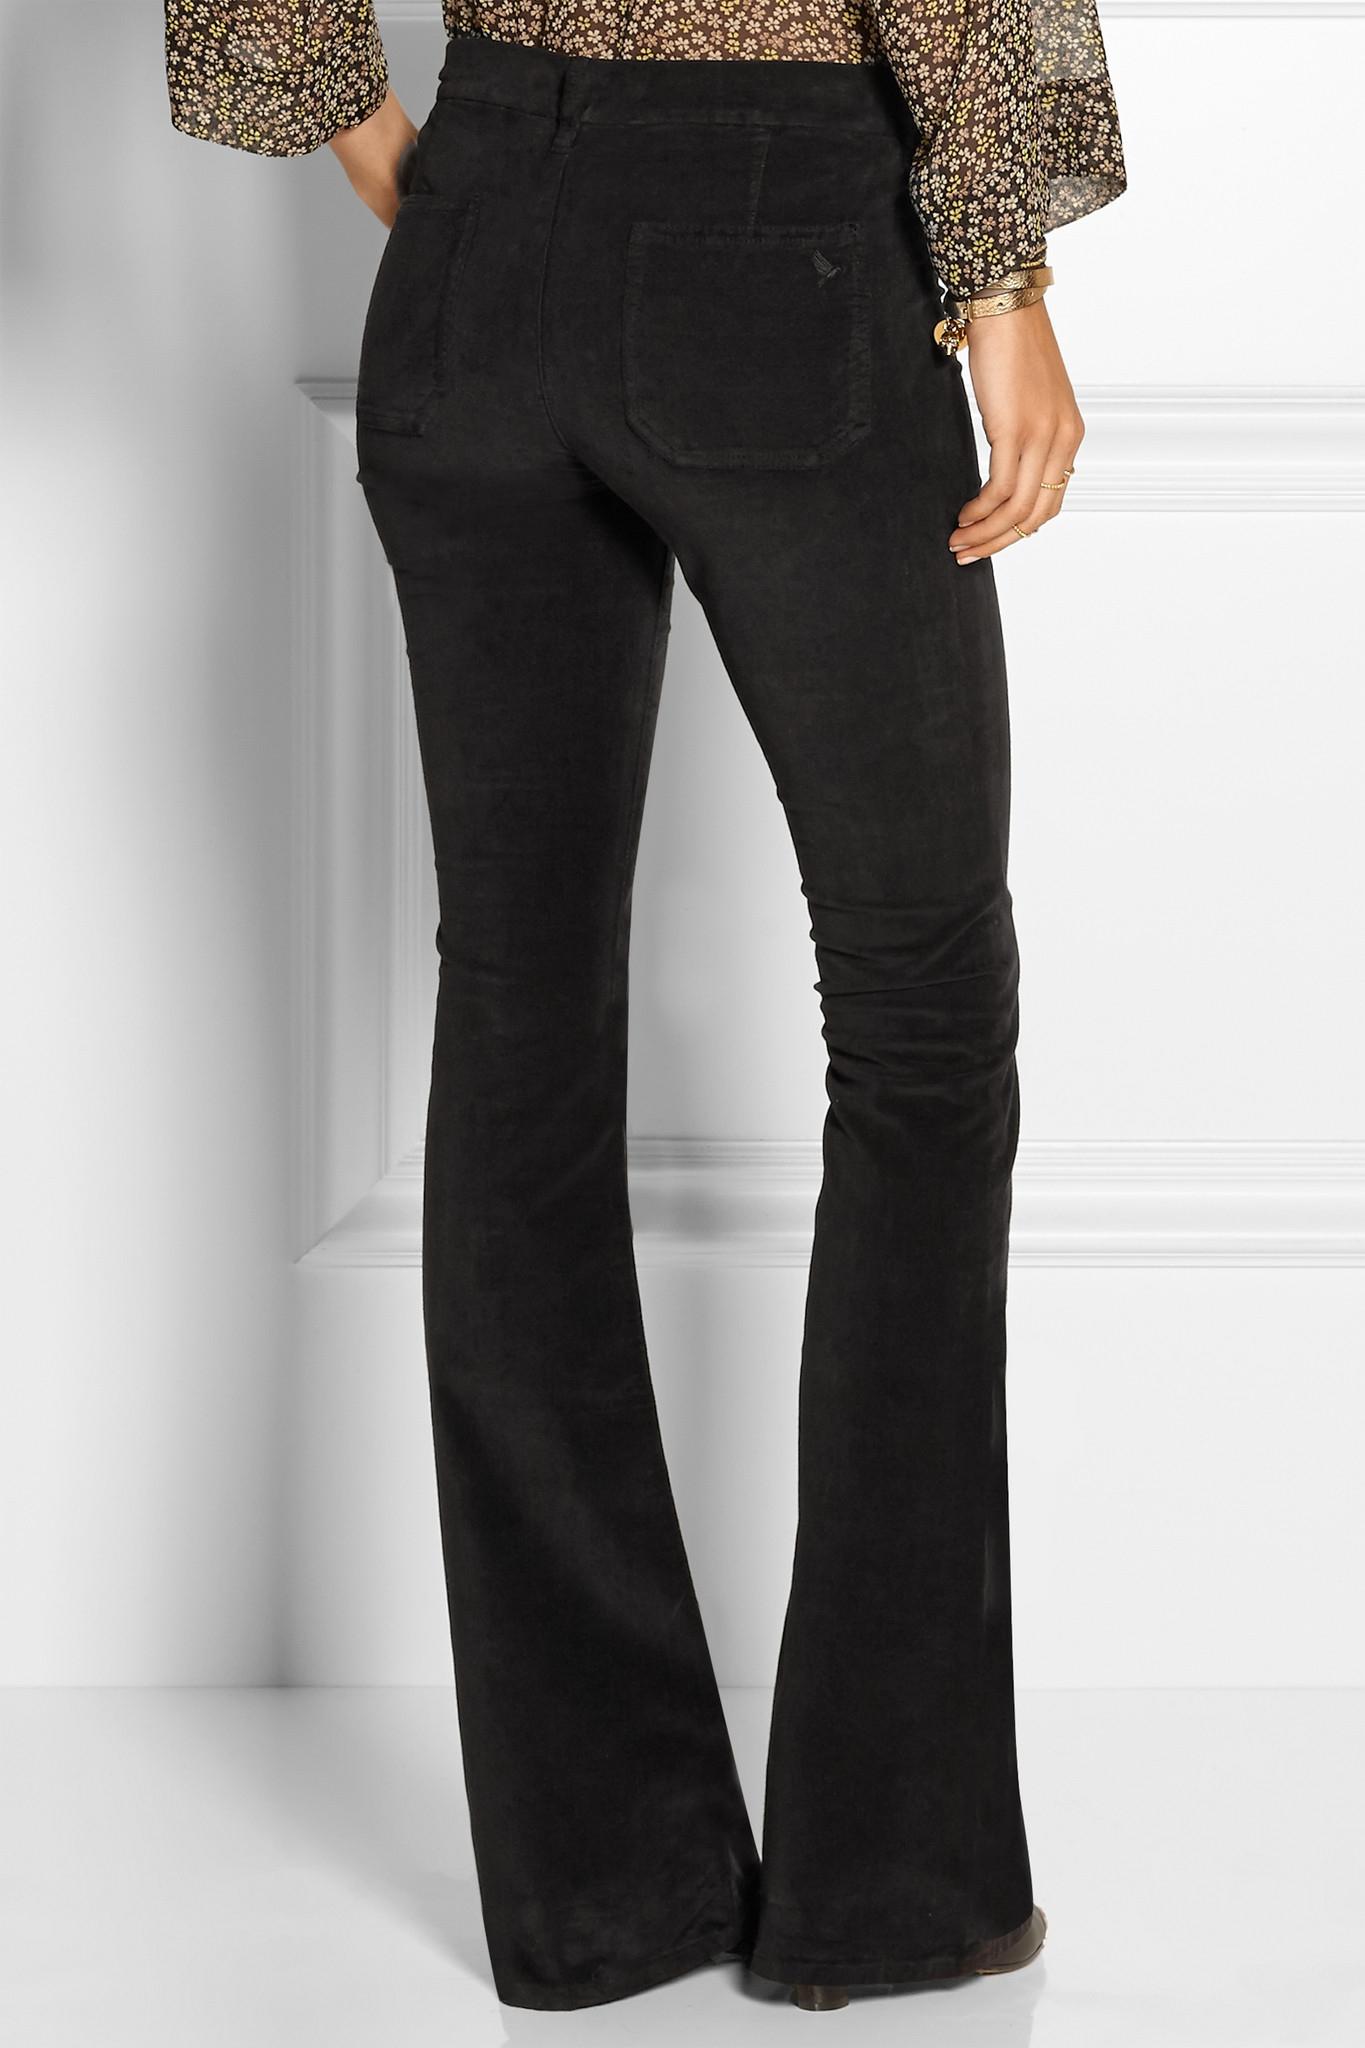 Black Skinny Flare Jeans Ye Jean